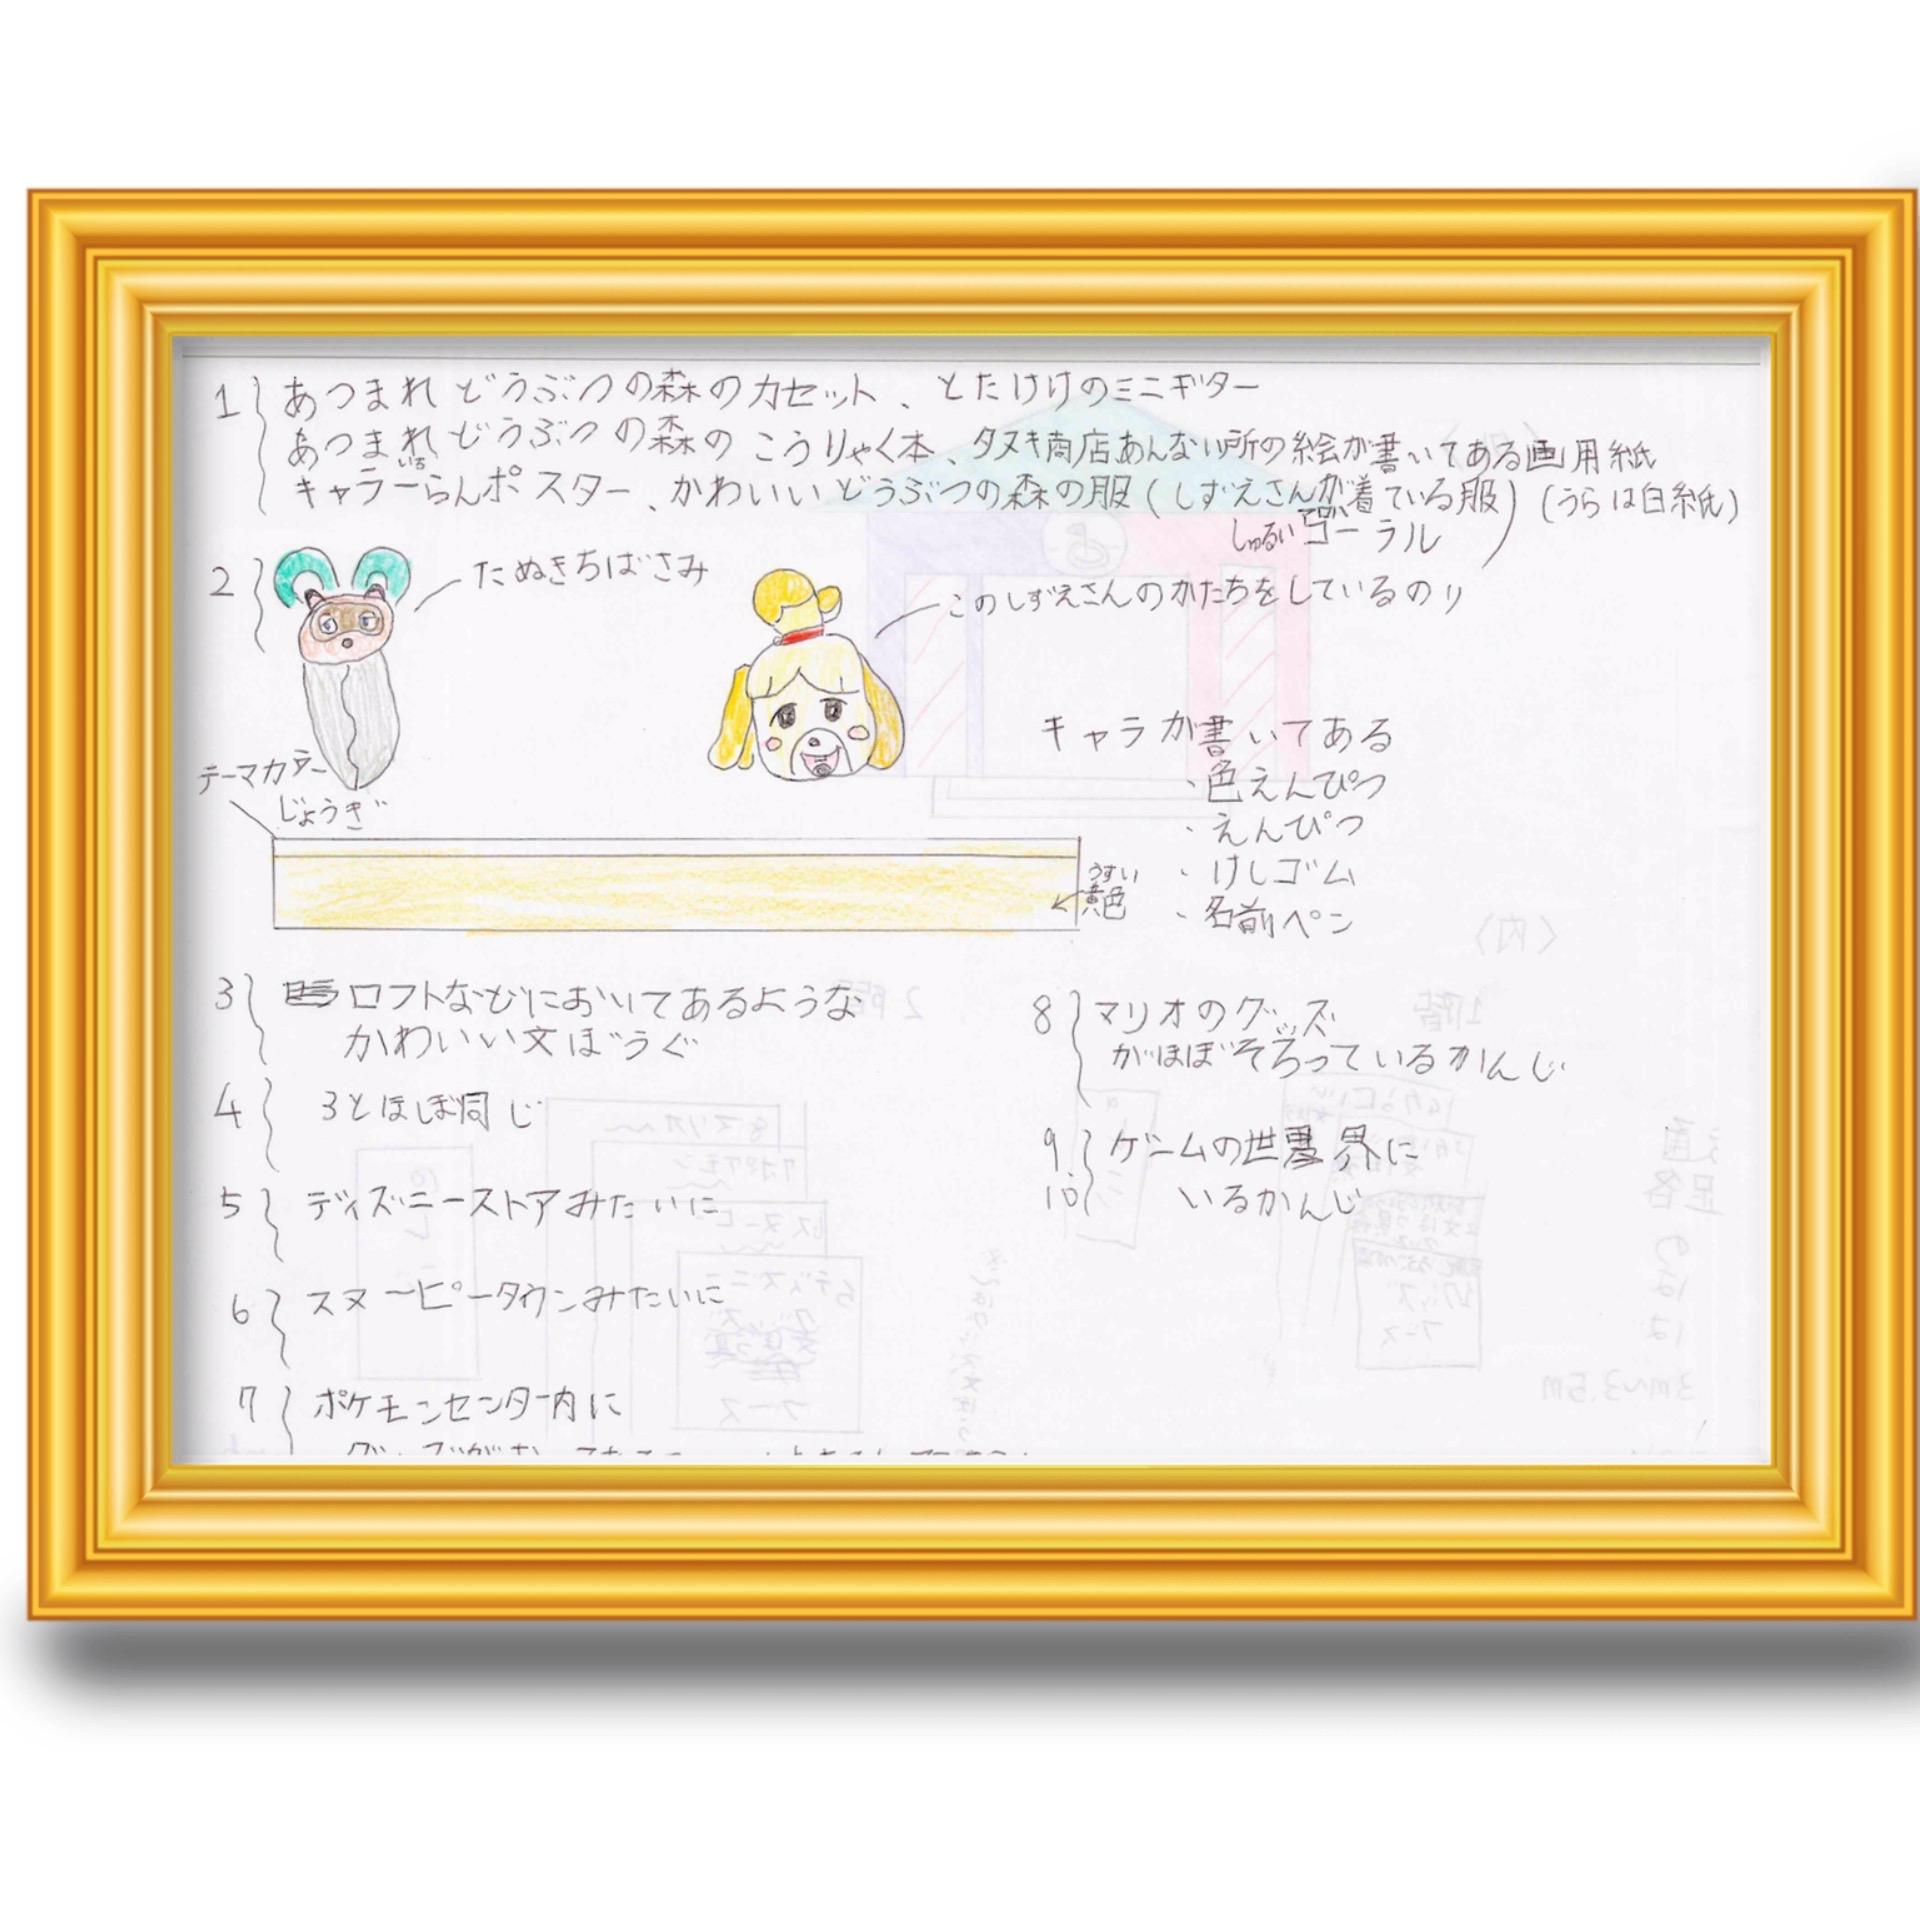 織り姫賞 三浦琉花 4年生